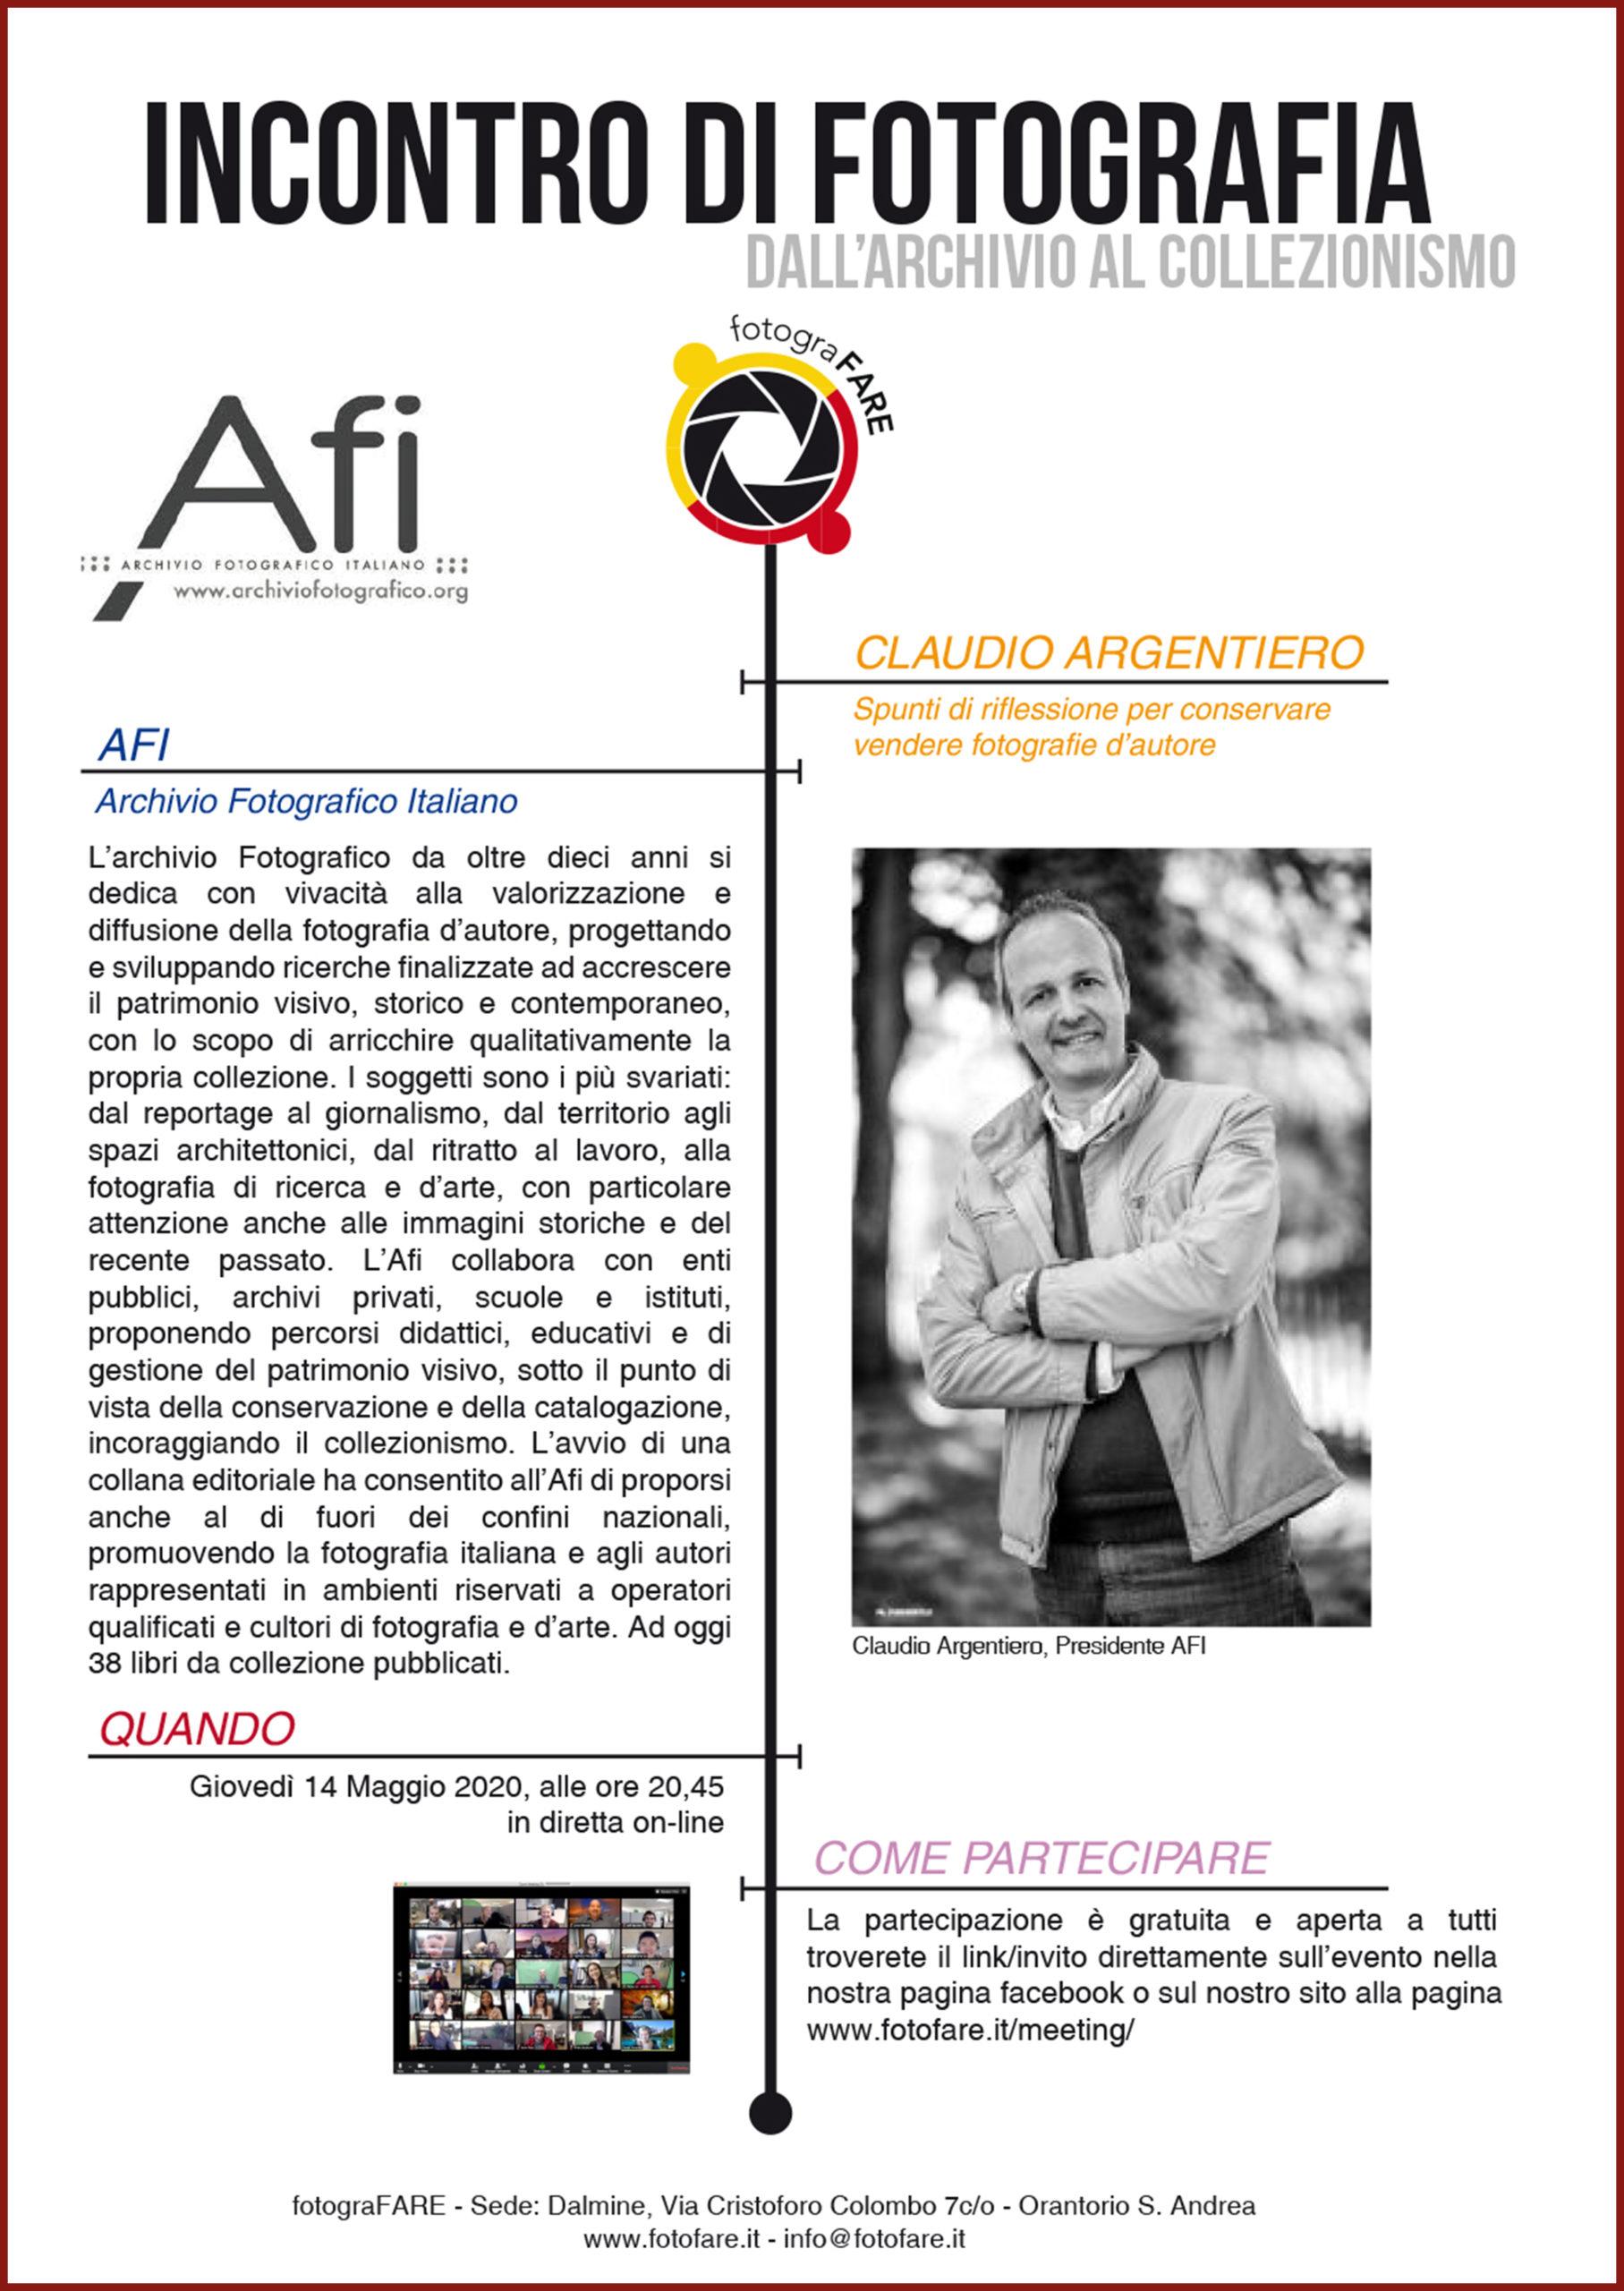 Meeting con Afi Archivio Fotografico Italiano